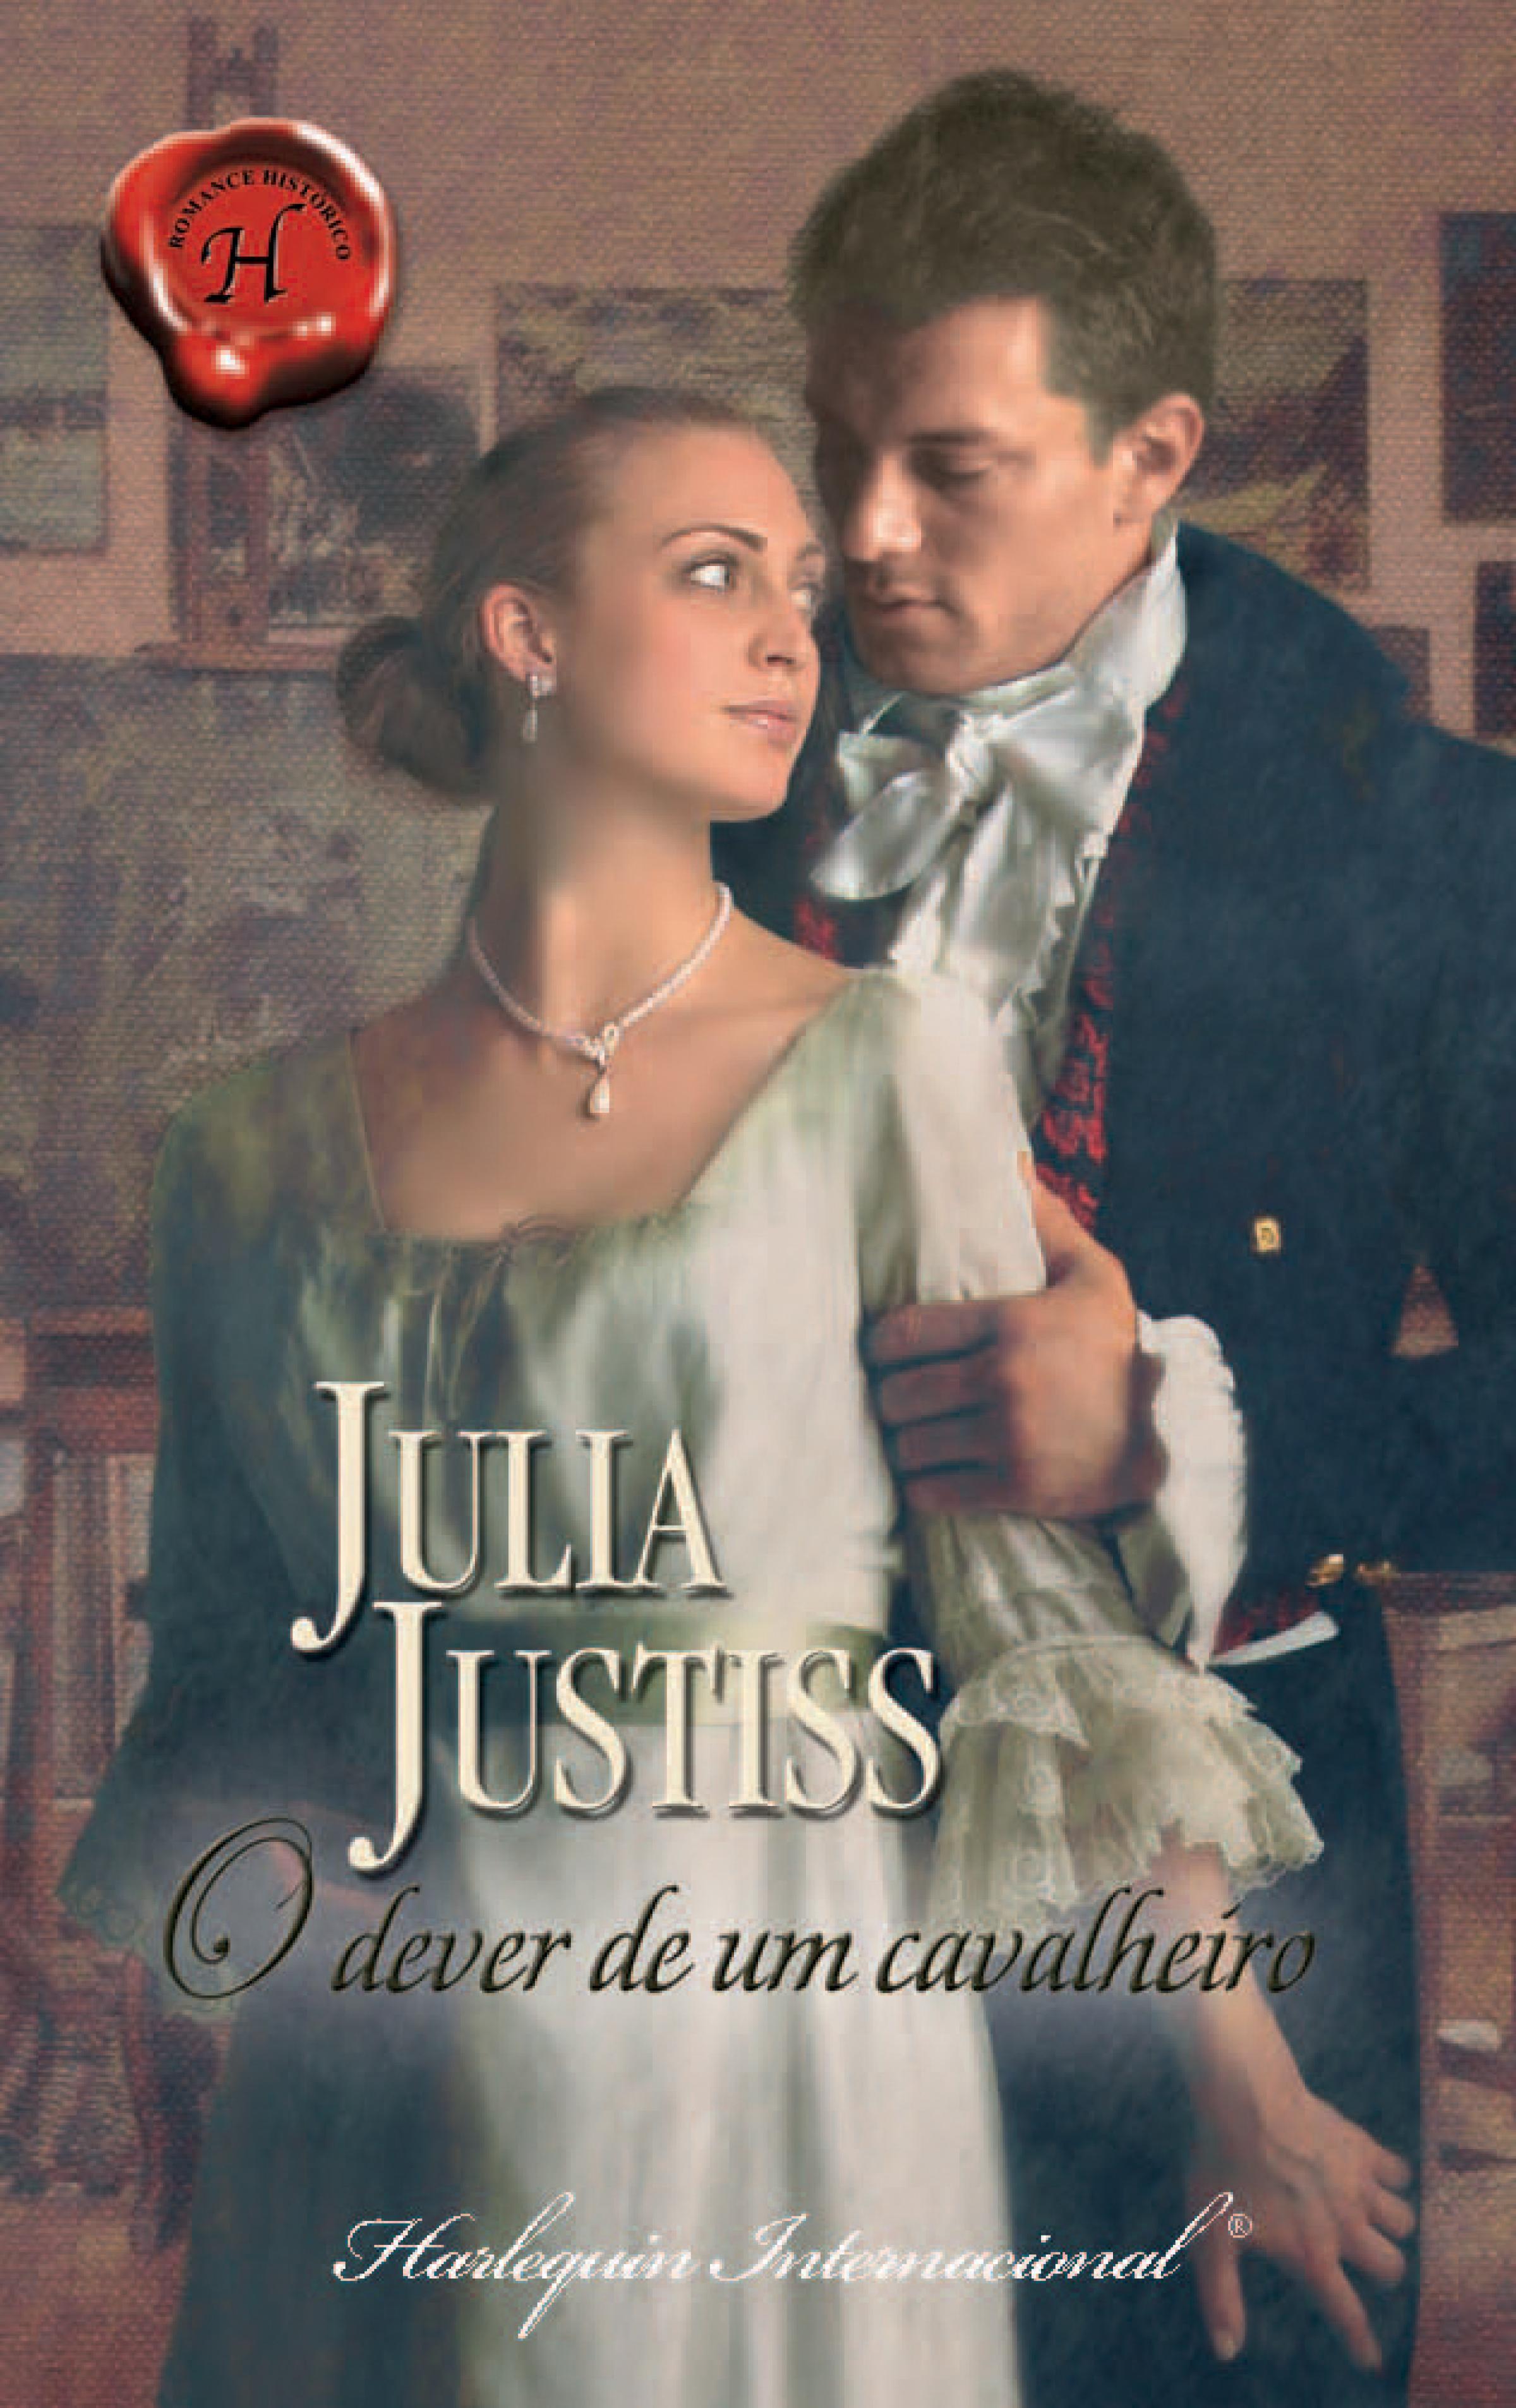 Julia Justiss O dever de um cavalheiro недорого